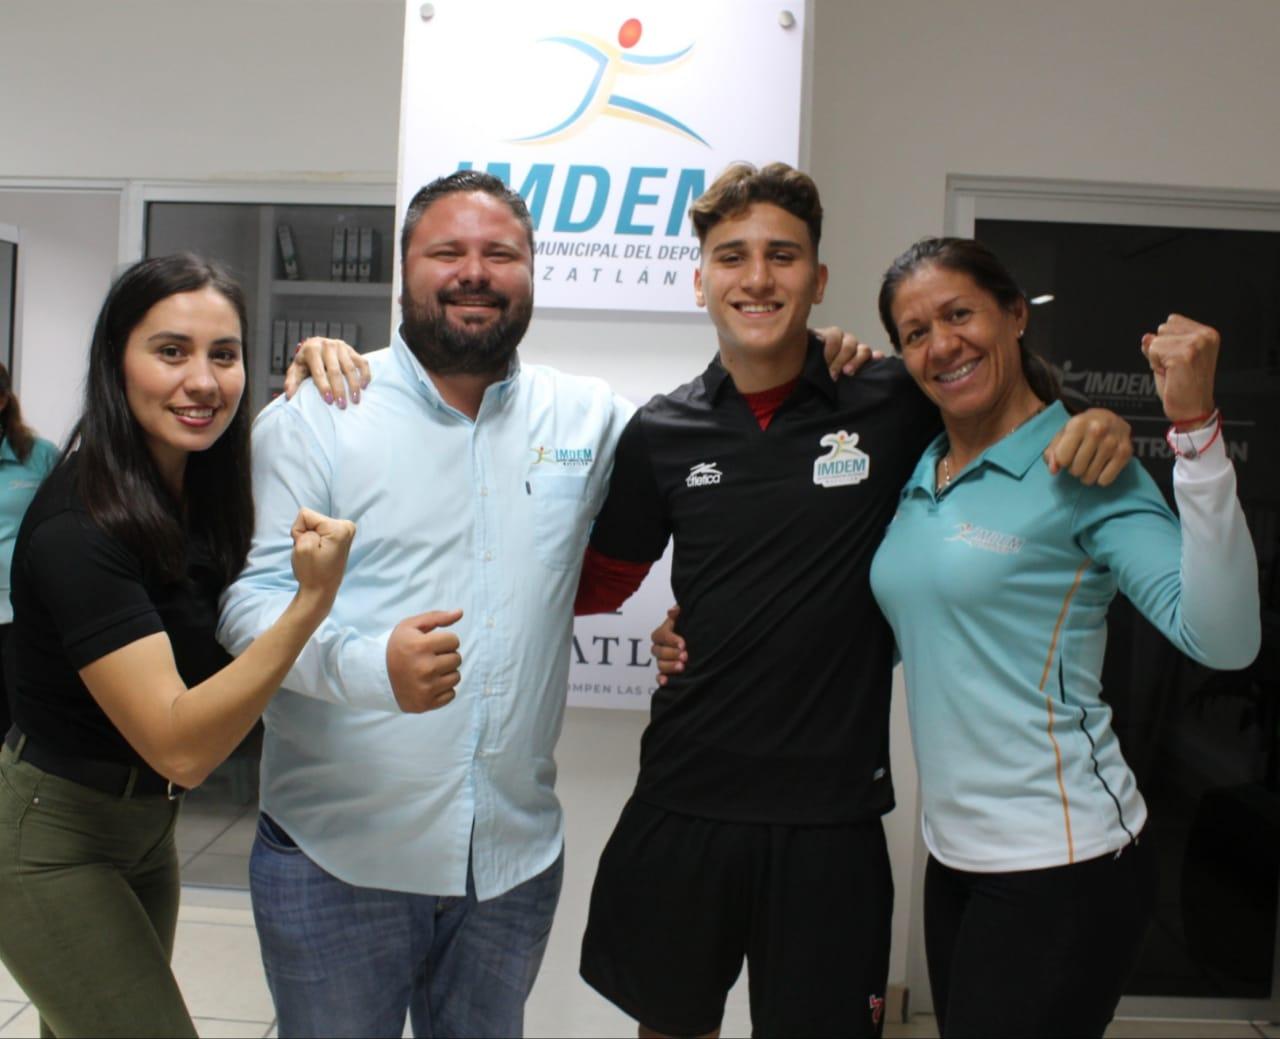 Recibe Marco Verde apoyo del Imdem para viajar a Ecuador